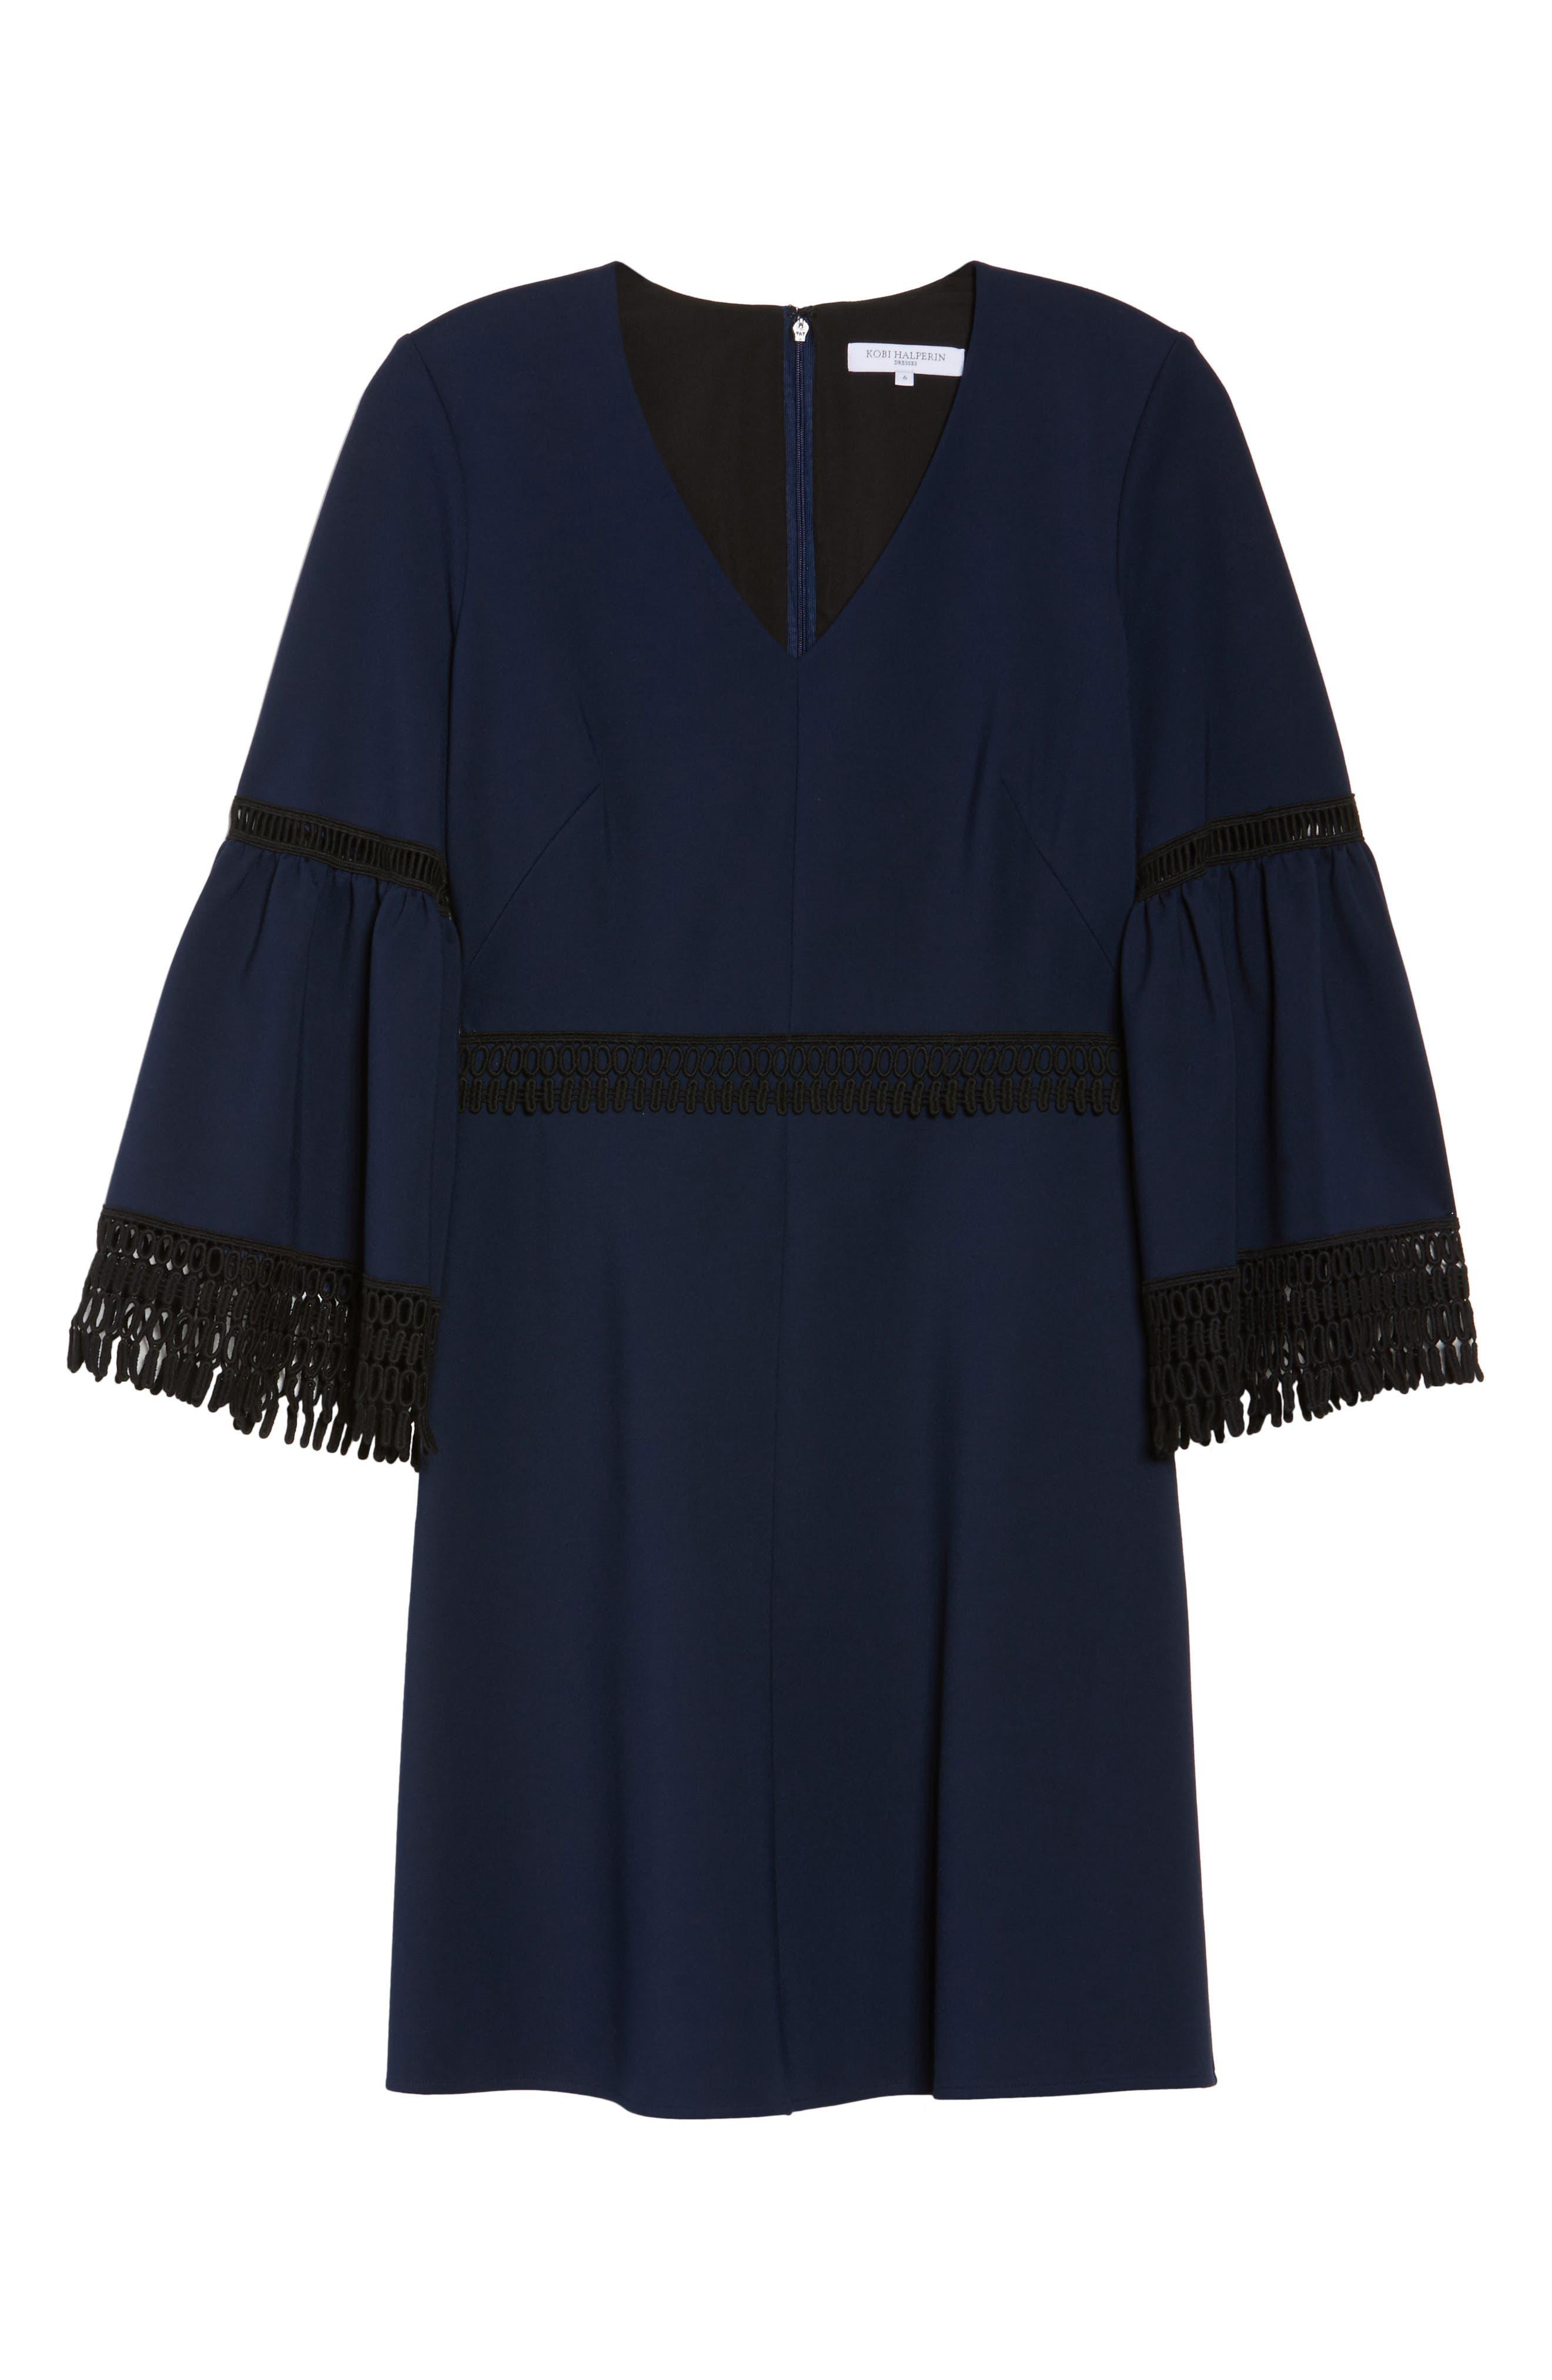 Vanessa Bell Sleeve Dress,                         Main,                         color, Midnight Blue/ Black